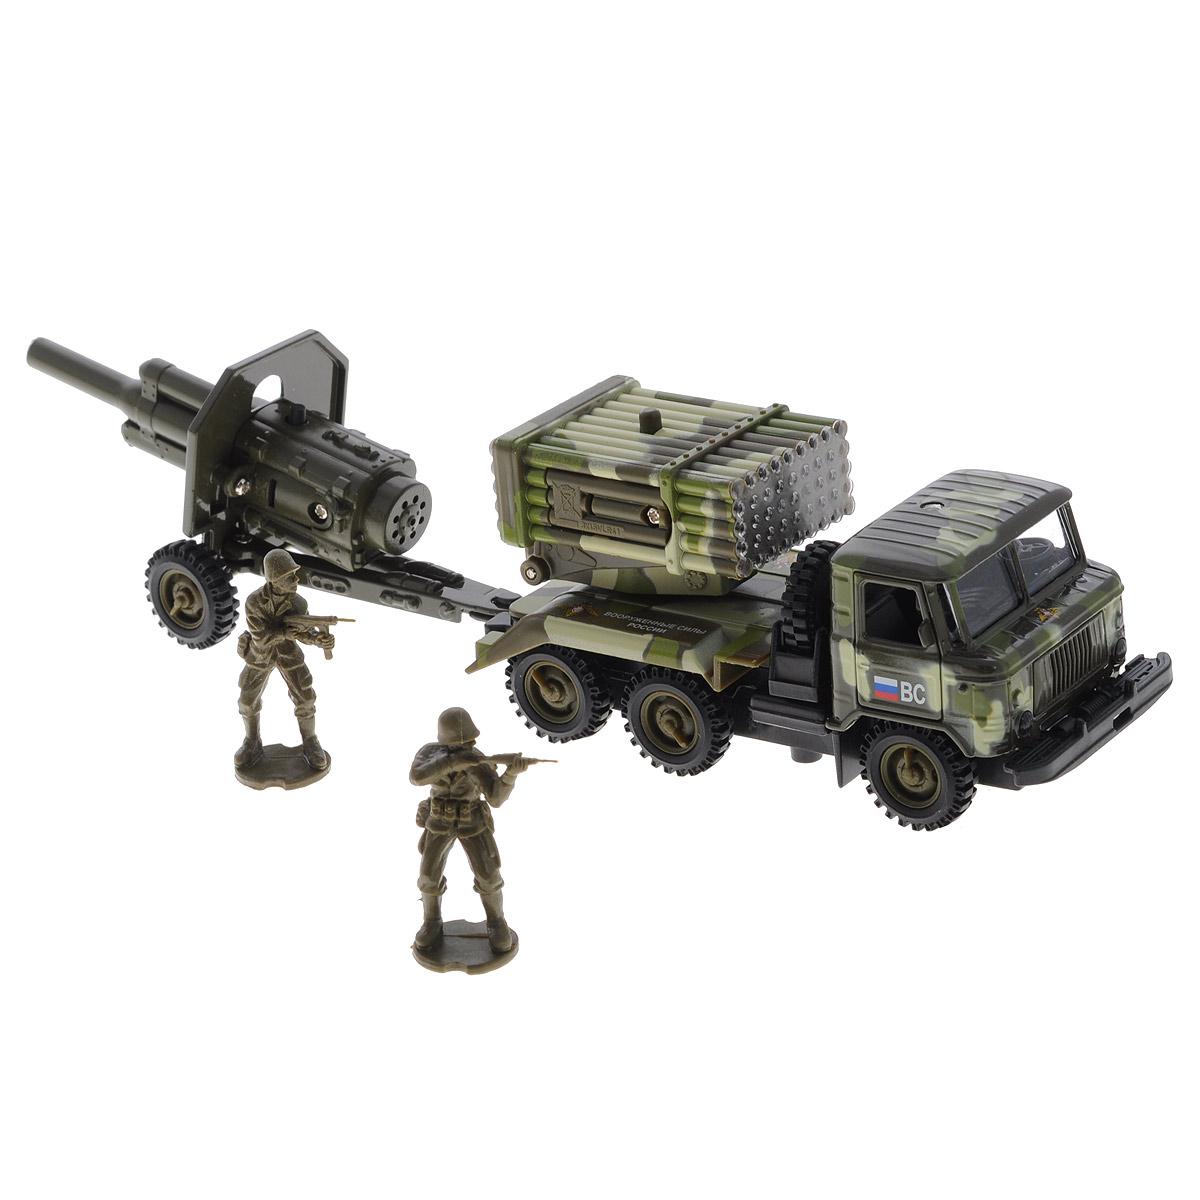 """Игровой набор ТехноПарк """"ГАЗ 66 военный"""" непременно станет любимой игрушкой вашего малыша. В набор входит военный грузовик марки ГАЗ 66 с установкой """"Град"""", пушка-прицеп и две фигурки солдатиков. Игрушки изготовлены из металла и высококачественного пластика. Дверцы кабины и капот машинки открываются. Установка """"Град"""" поднимается и поворачивается на 360 градусов. Между кабиной и кузовом расположено запасное колесо, которое также может быть использовано по назначению. При нажатии кнопки на установке и на пушке начинают светиться огоньки, при этом слышны звуки боя и приказы командира. При нажатии кнопки на пушке звучат реалистичные звуки выстрелов. Машинка оснащена инерционным ходом. Ее необходимо отвести назад, затем отпустить - и она быстро поедет вперед. Прорезиненные колеса обеспечивают надежное сцепление с любой гладкой поверхностью. Ваш ребенок будет часами играть с этим набором, придумывая различные истории. Порадуйте его таким замечательным подарком! Машинка..."""